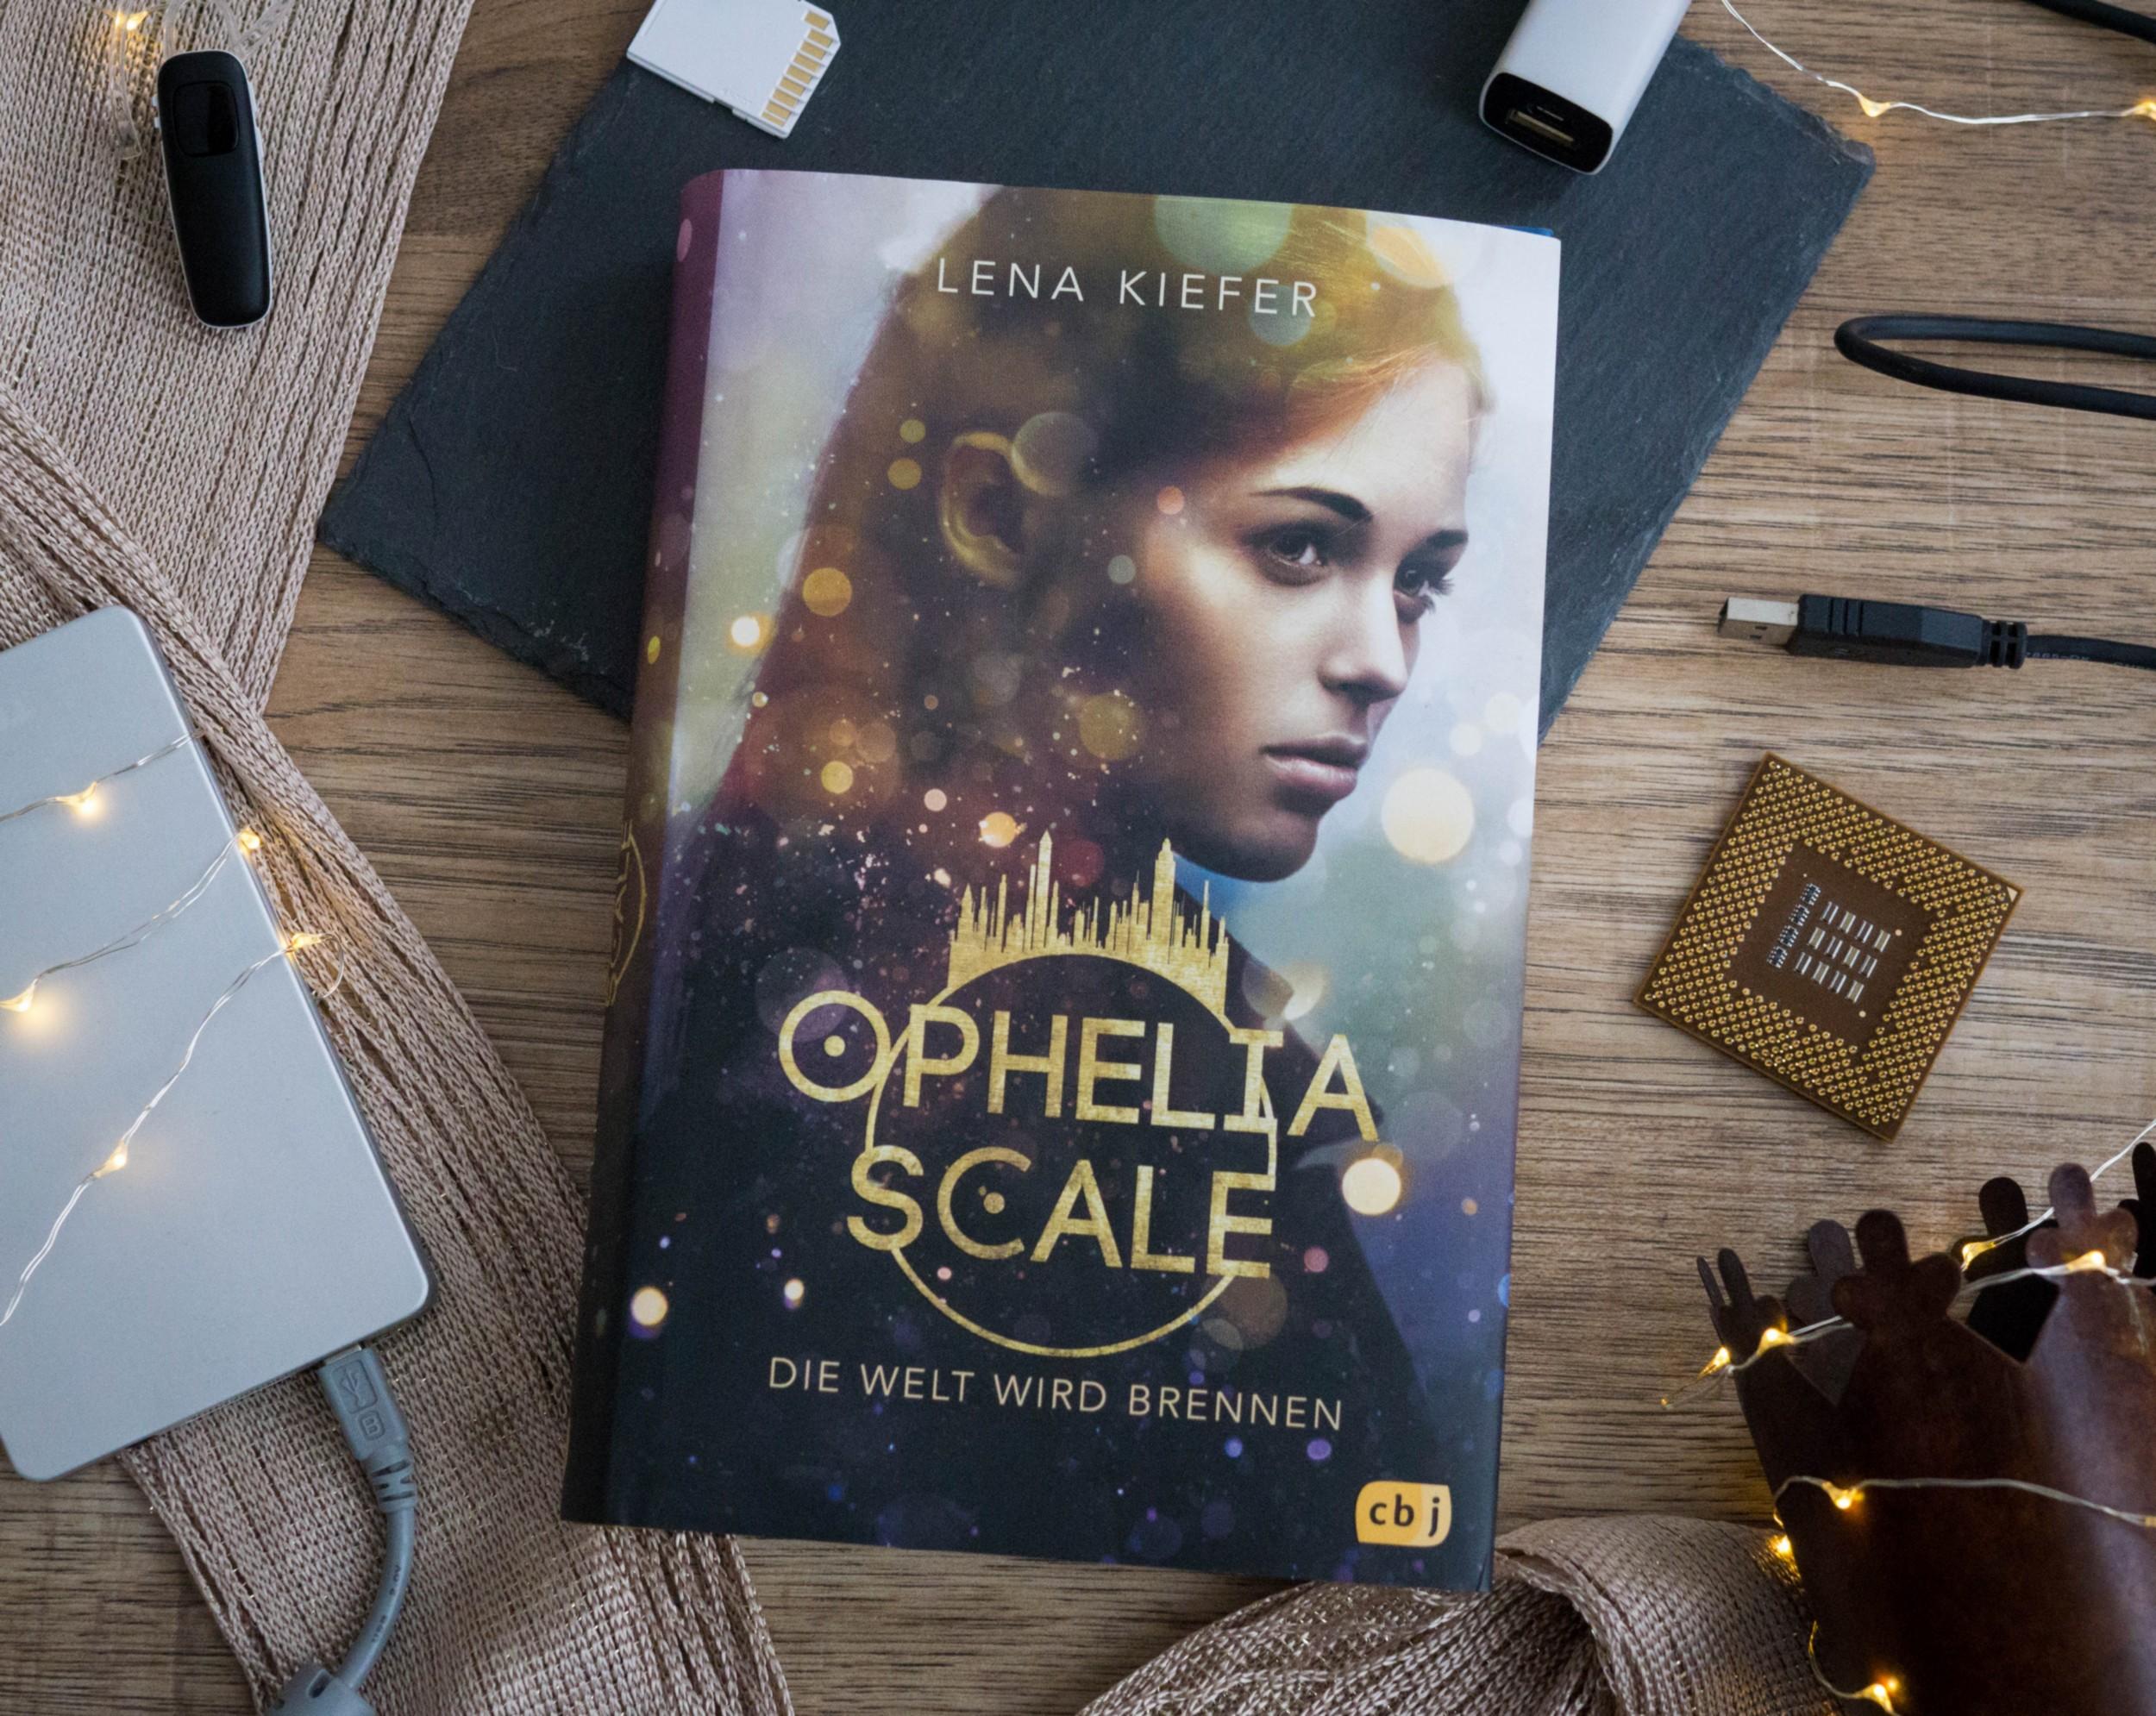 Ophelia Scale: Die Welt wird brennen – Lena Kiefer graphic